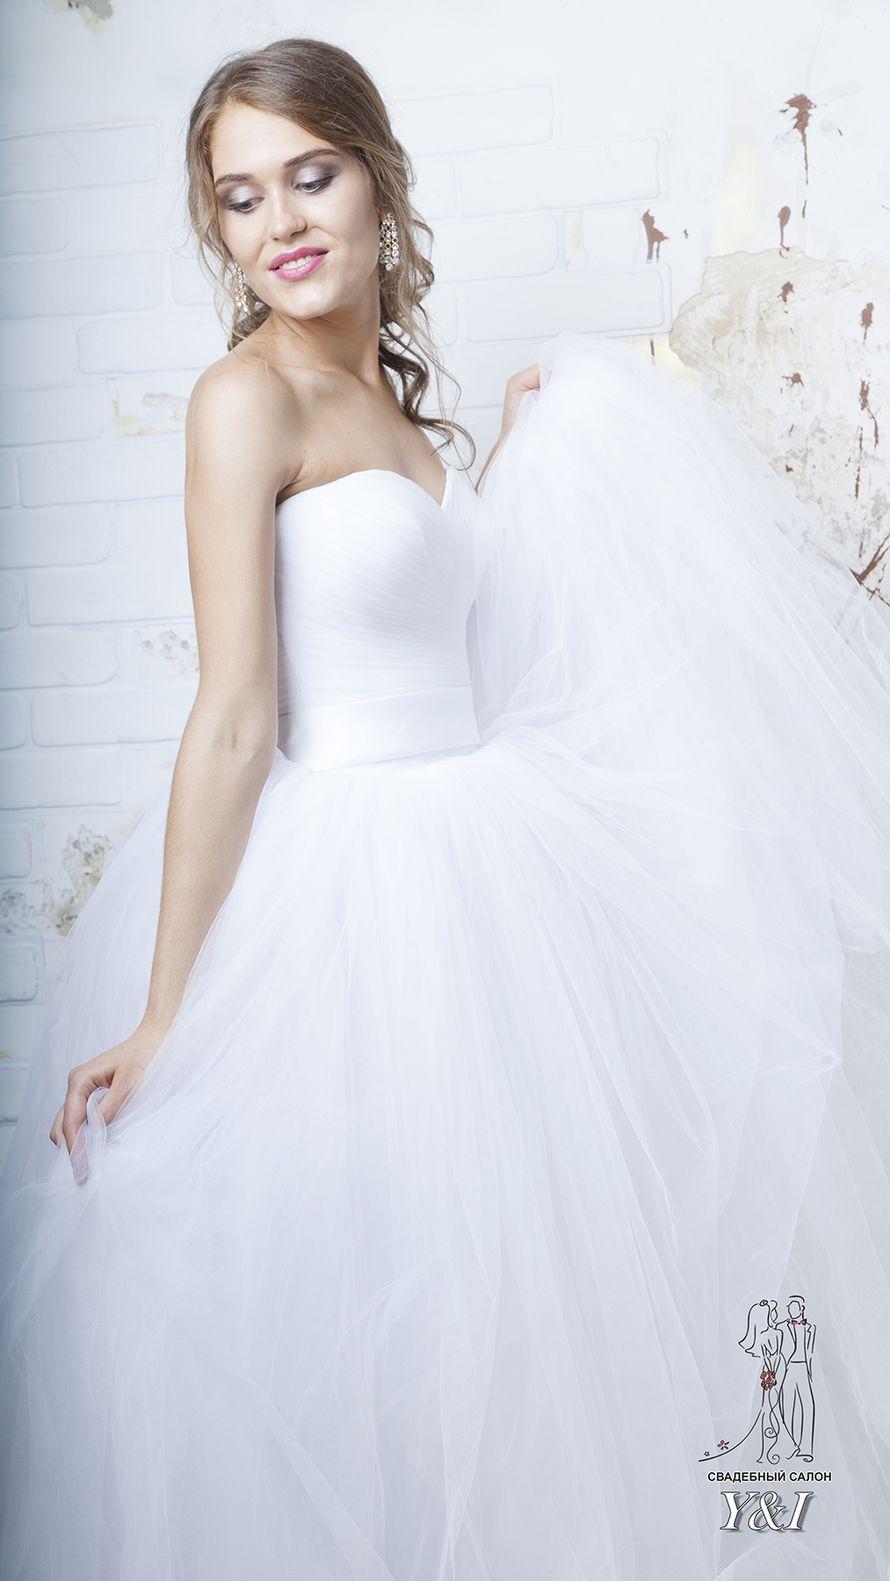 Фото агаты муцениеце в свадебном платье